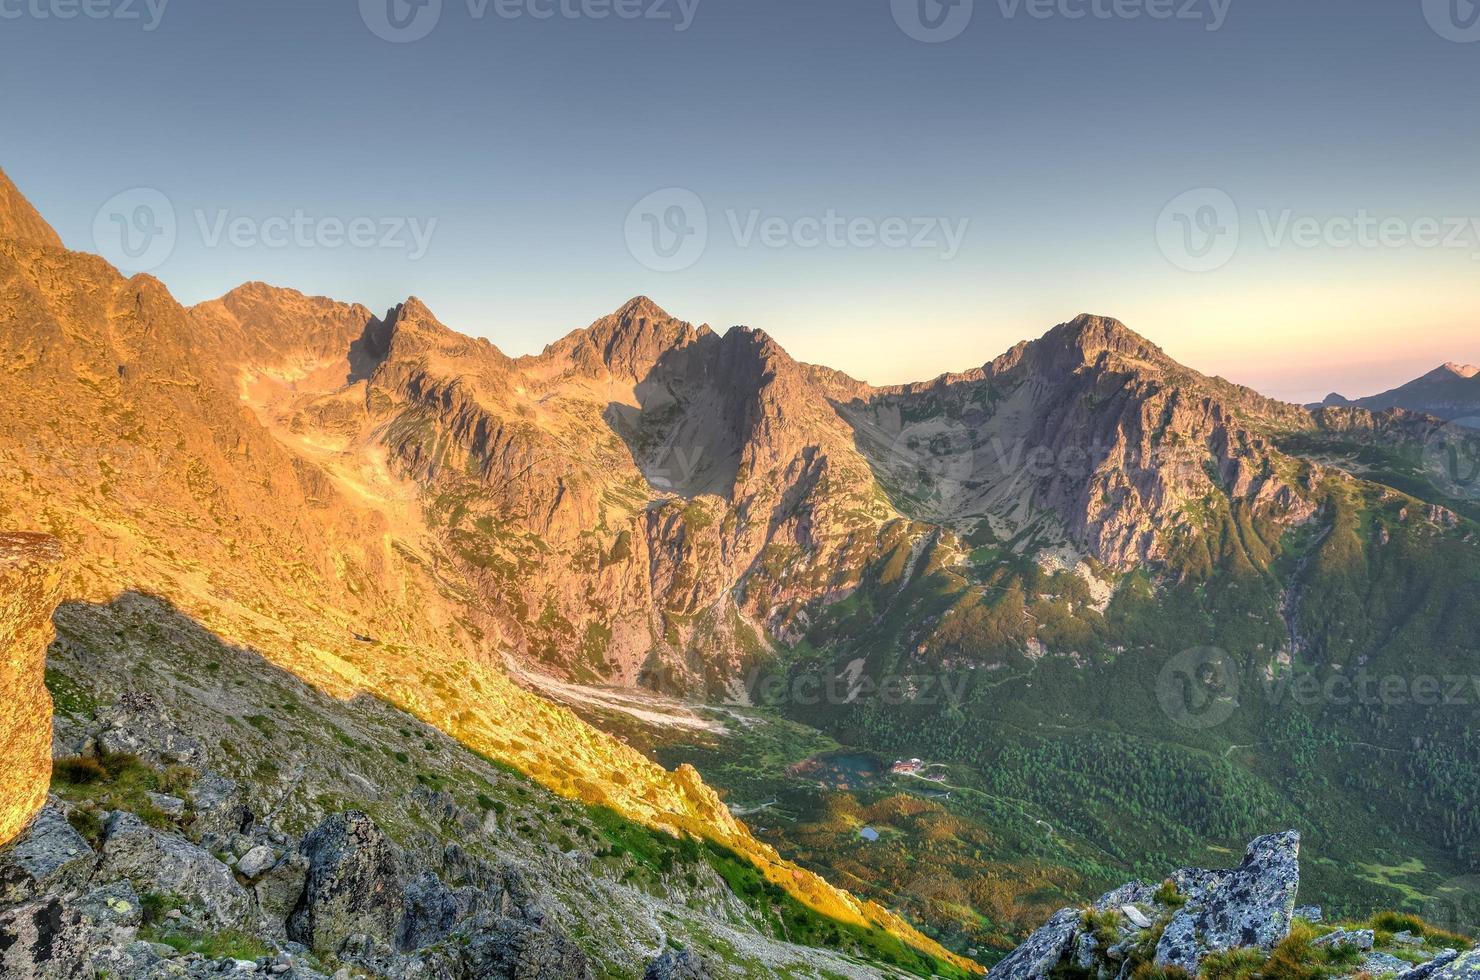 Morgen in den Bergen. foto